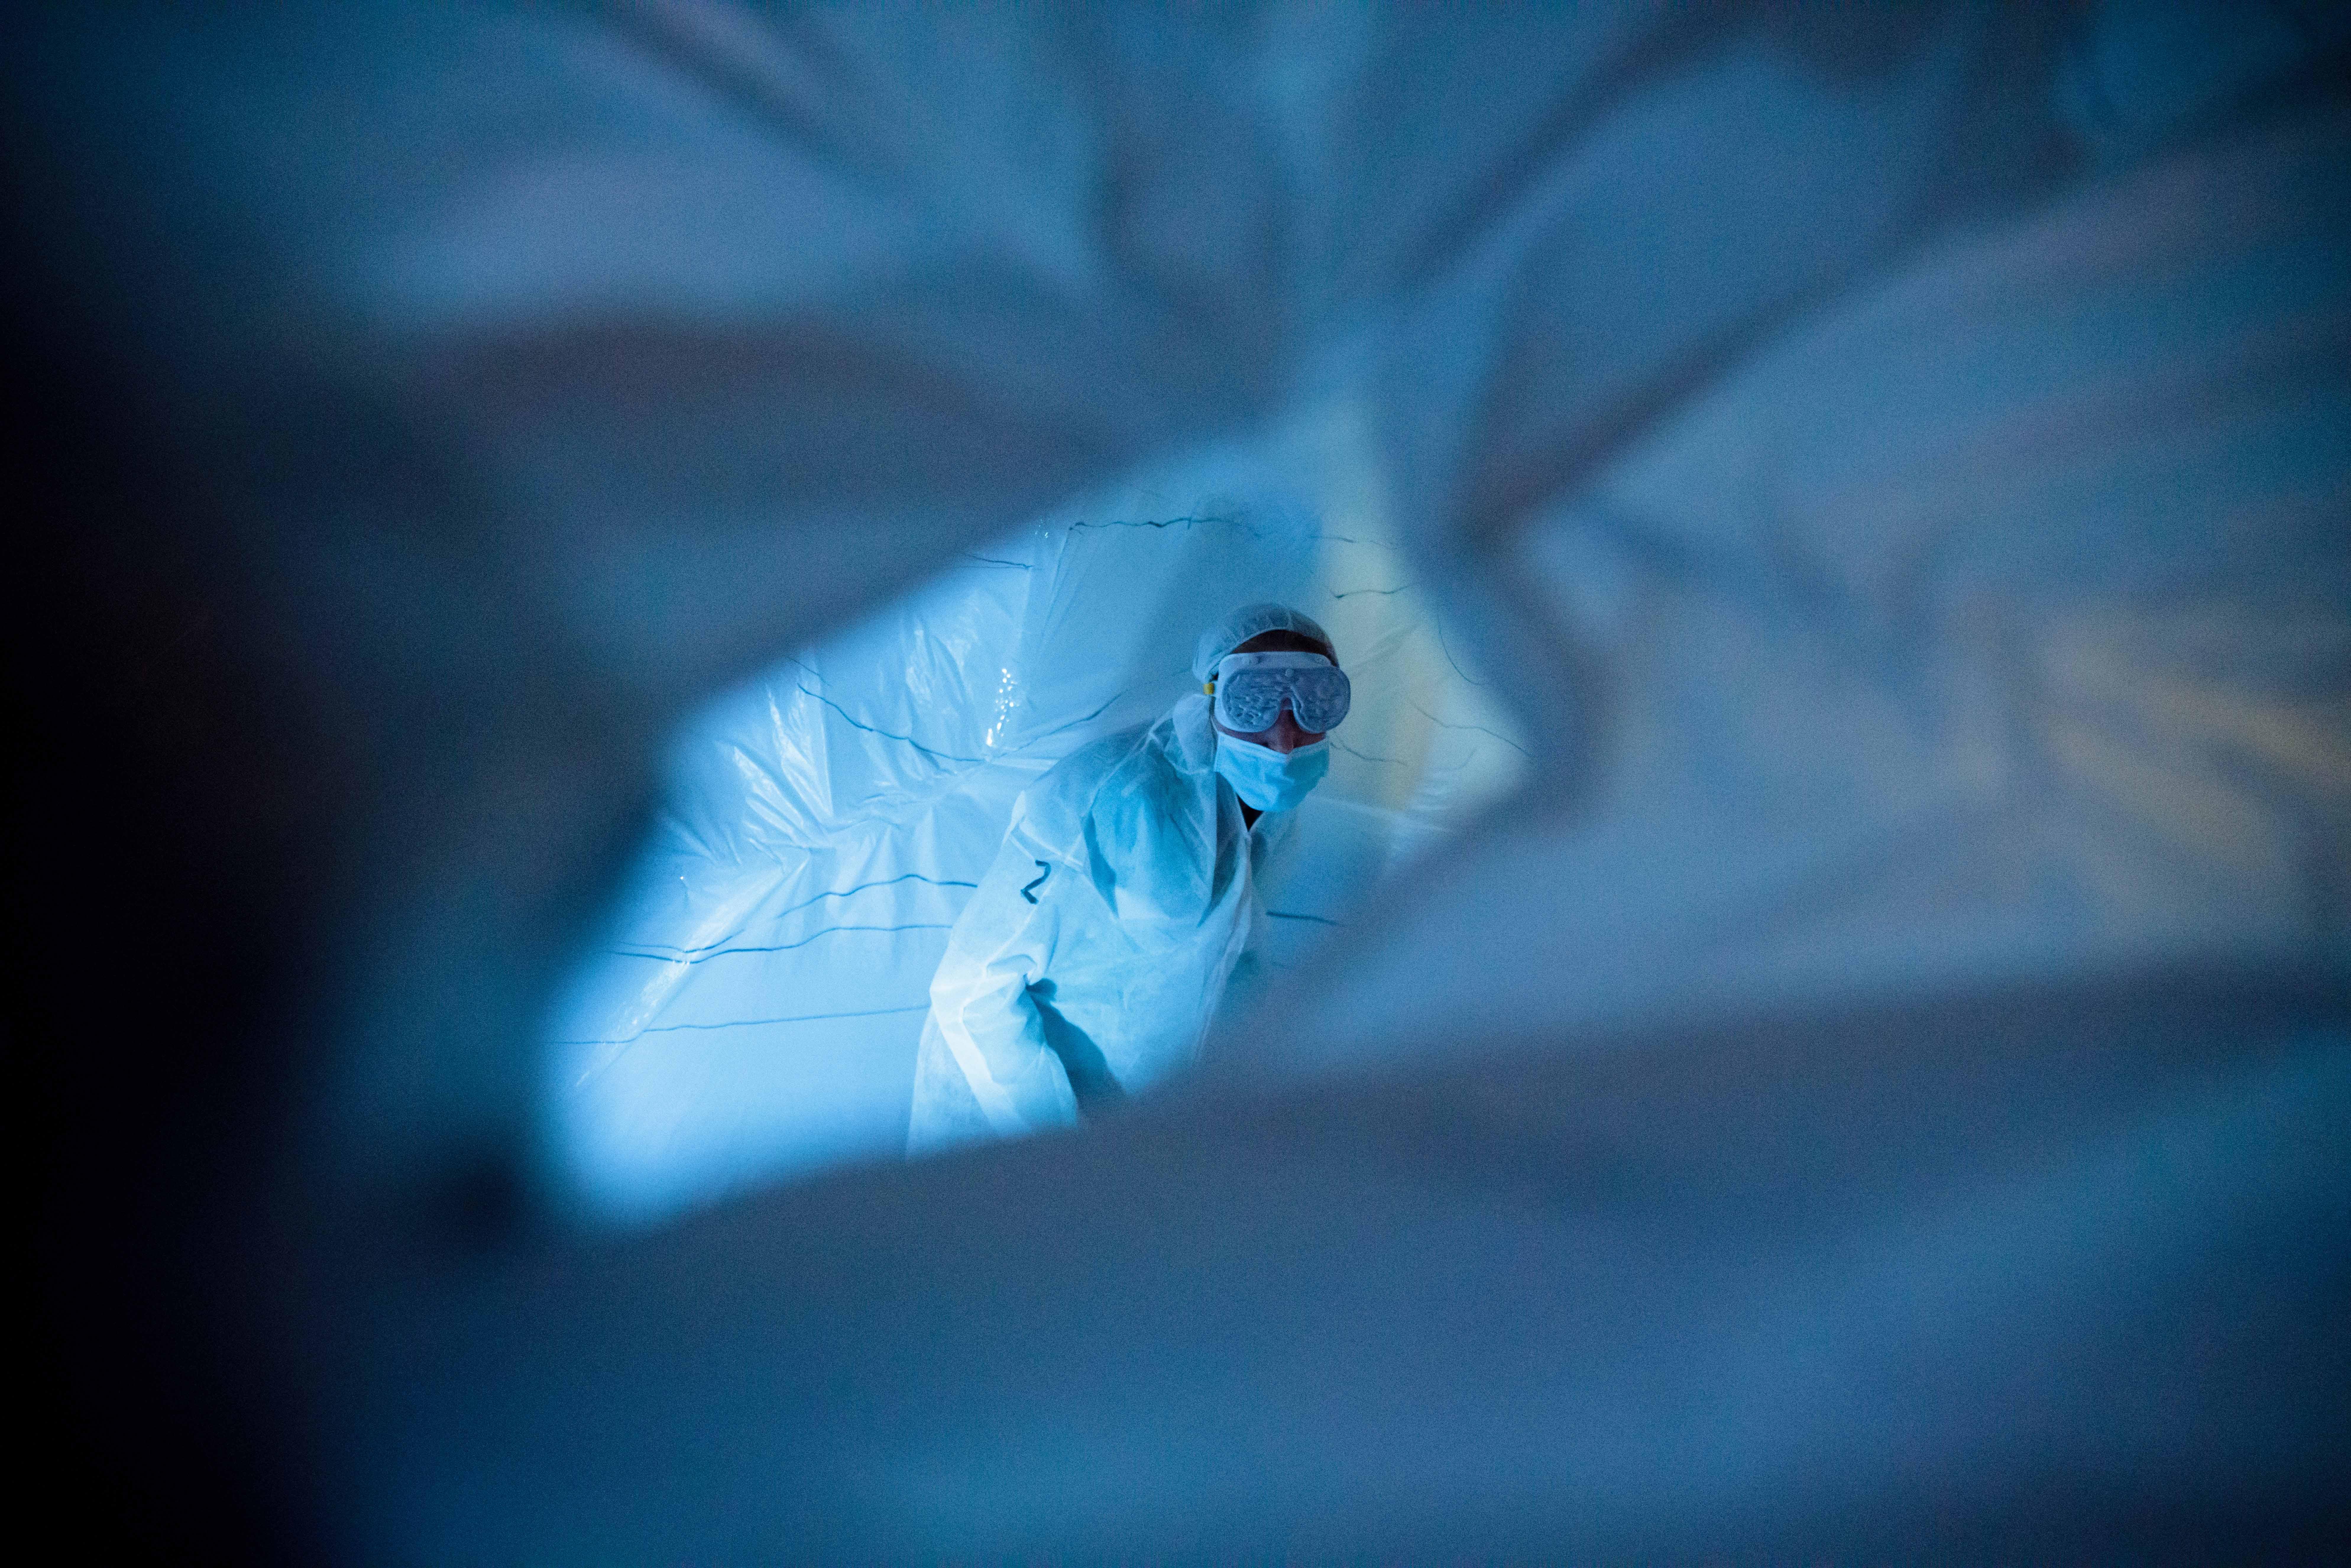 陆浩明参与沉浸式装置作品《白细胞》